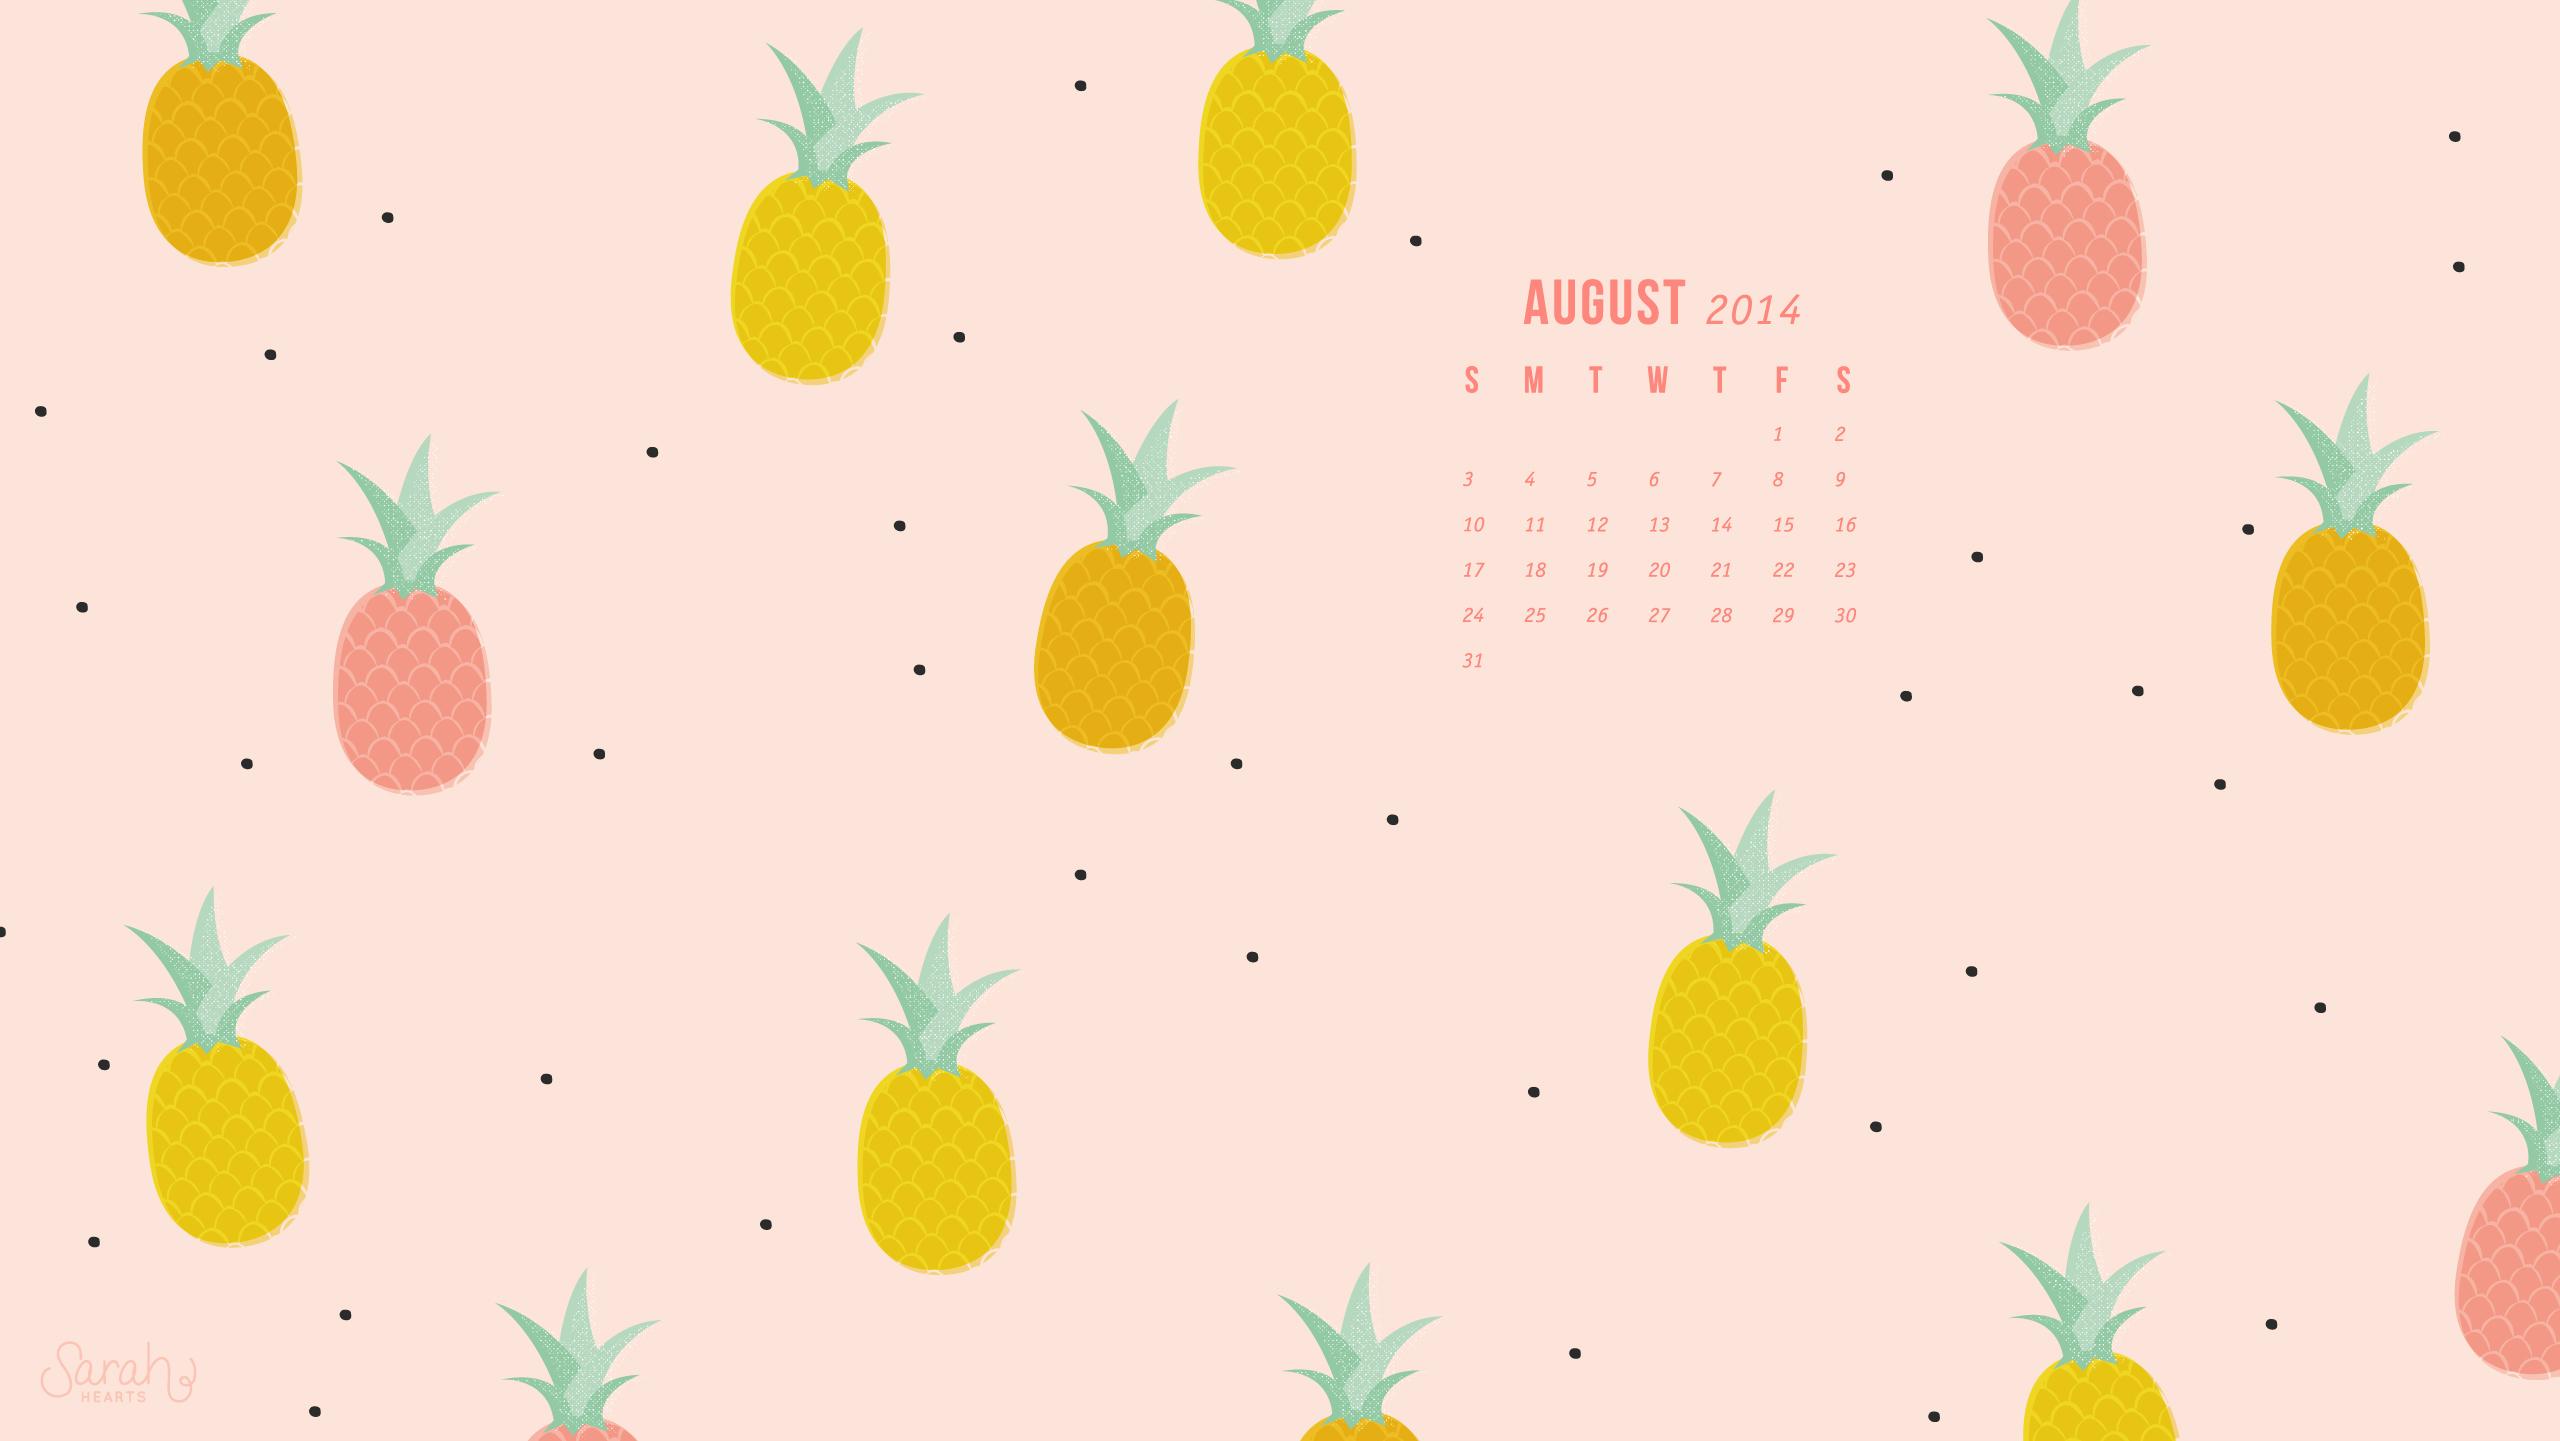 August 2014 Pineapple Calendar Wallpaper